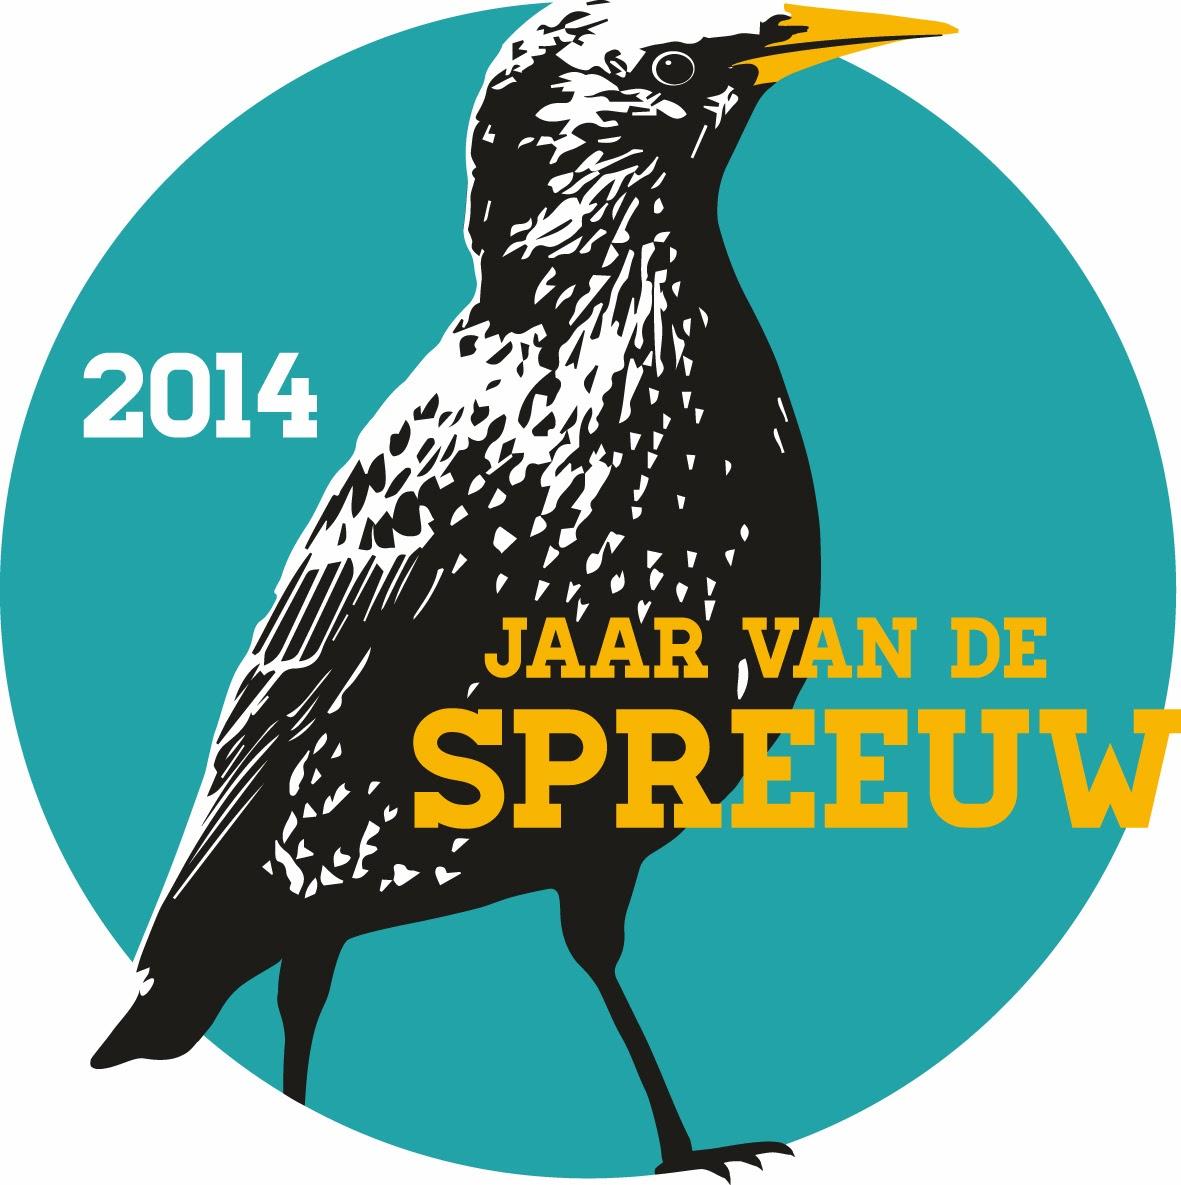 2014 Jaar van de Spreeuw